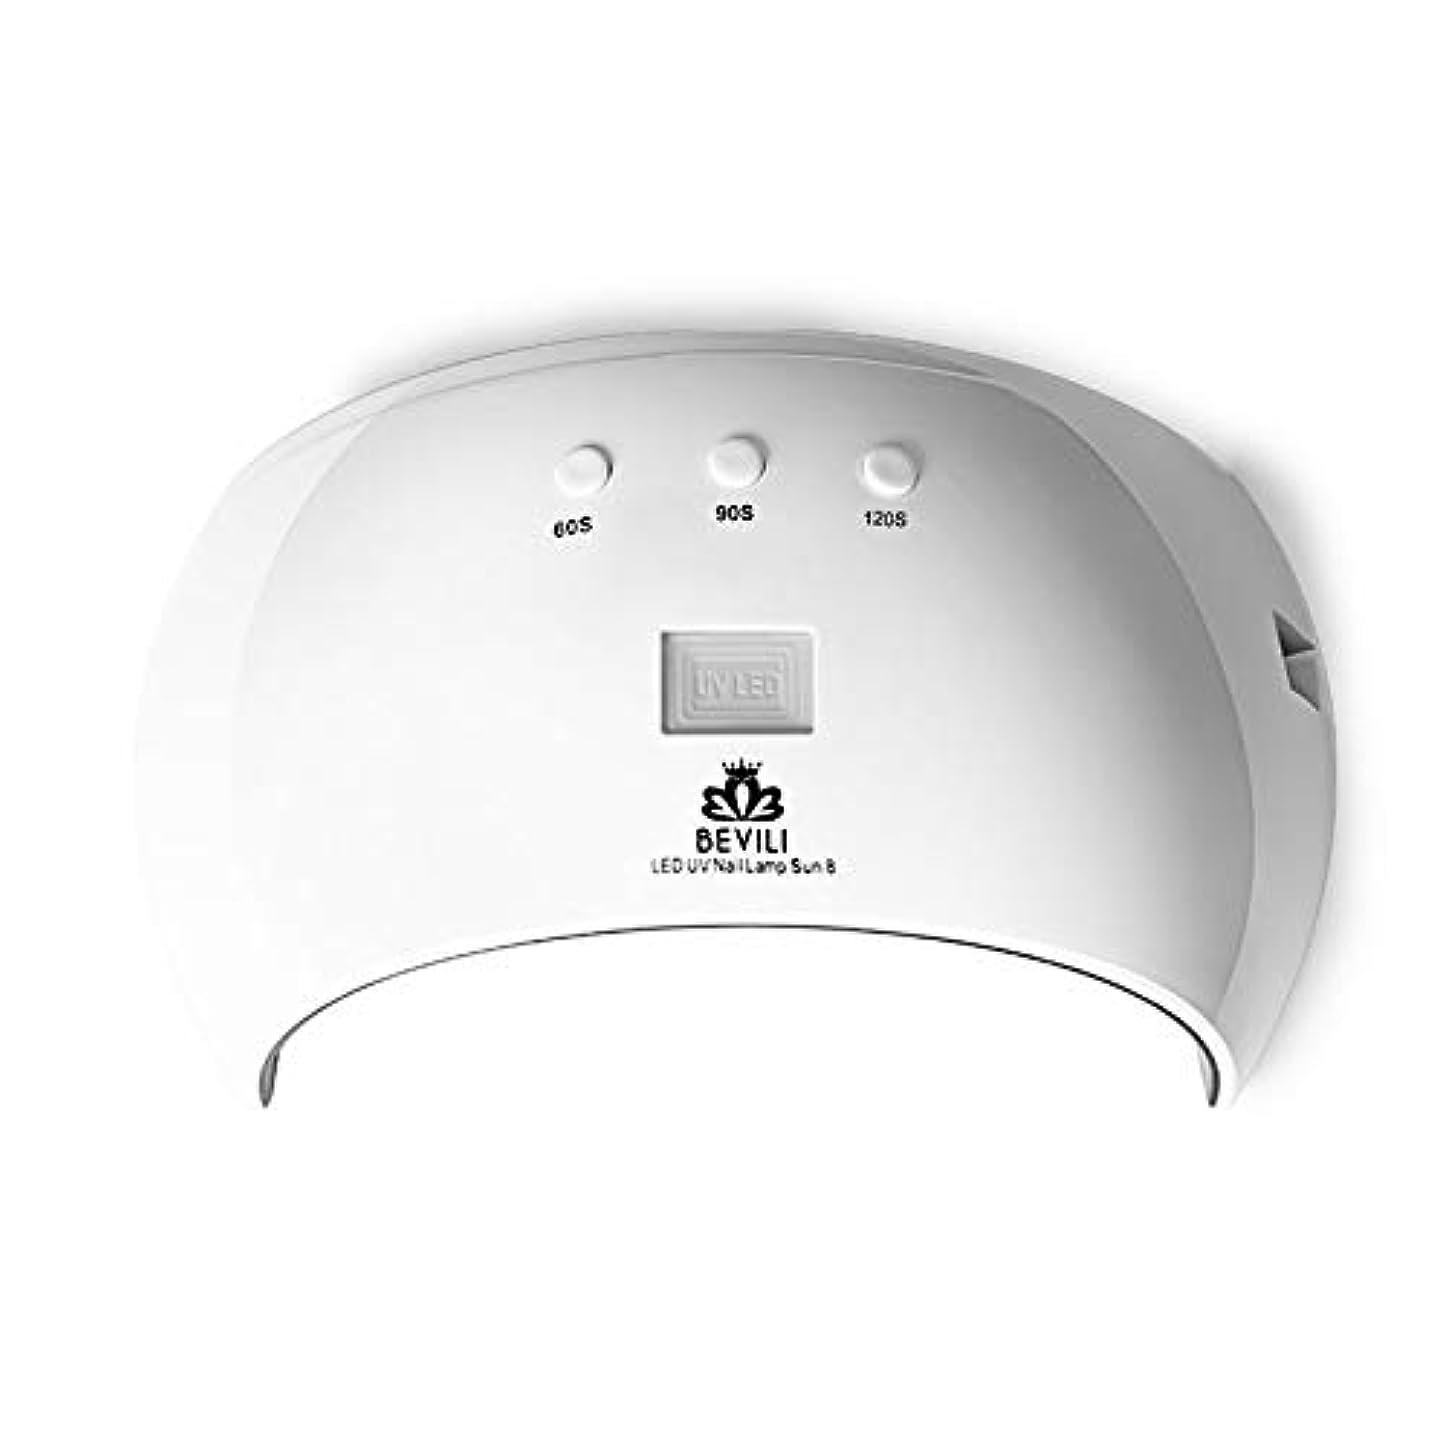 ヘルパー鉛ライブMANOOBY 24W硬化用UVライト3段階タイマー& 自動センサー付きハイパワー ネイルドライヤー